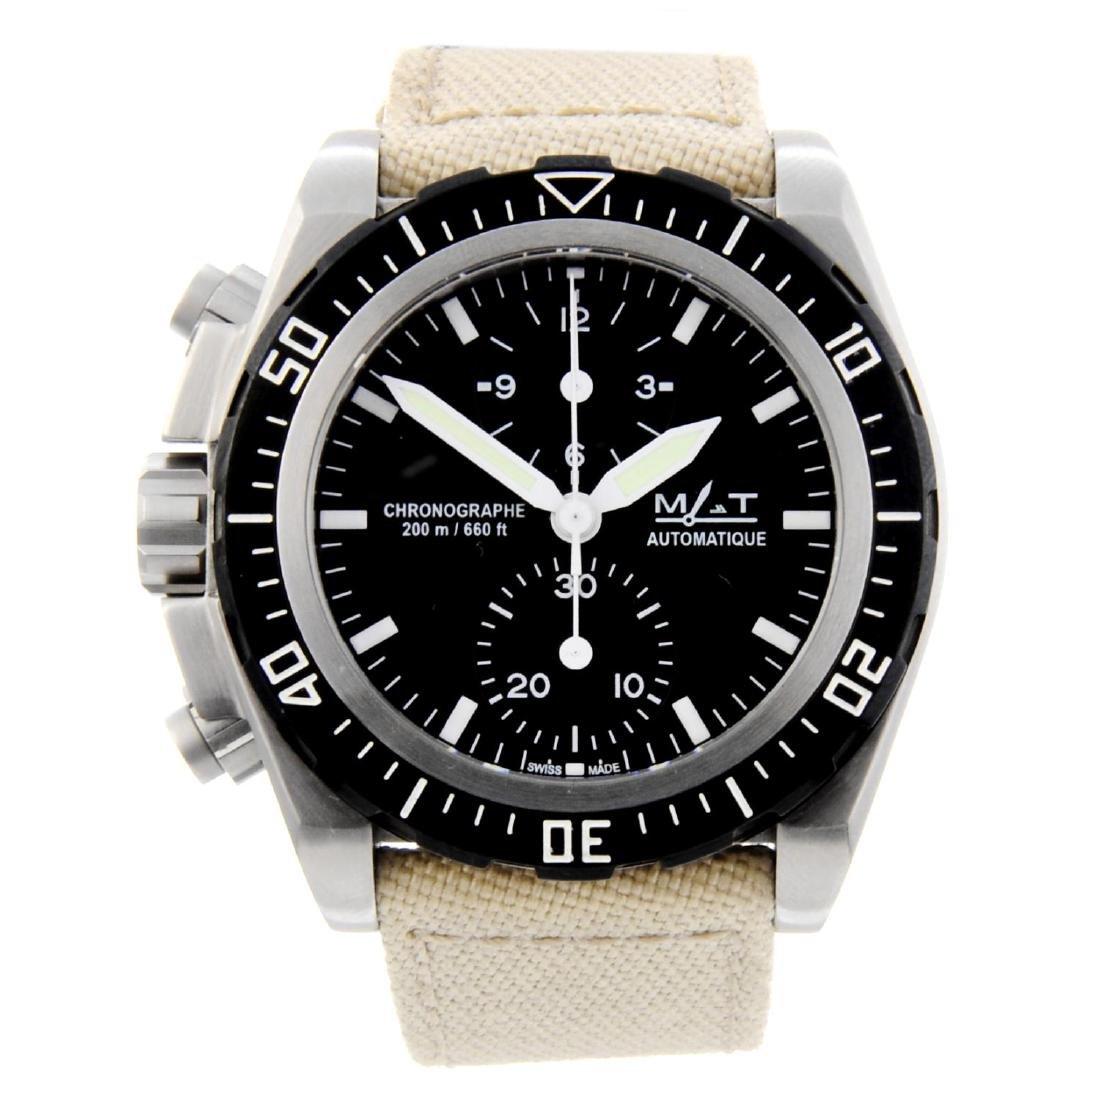 MAT - a gentleman's Aviation chronograph wrist watch.